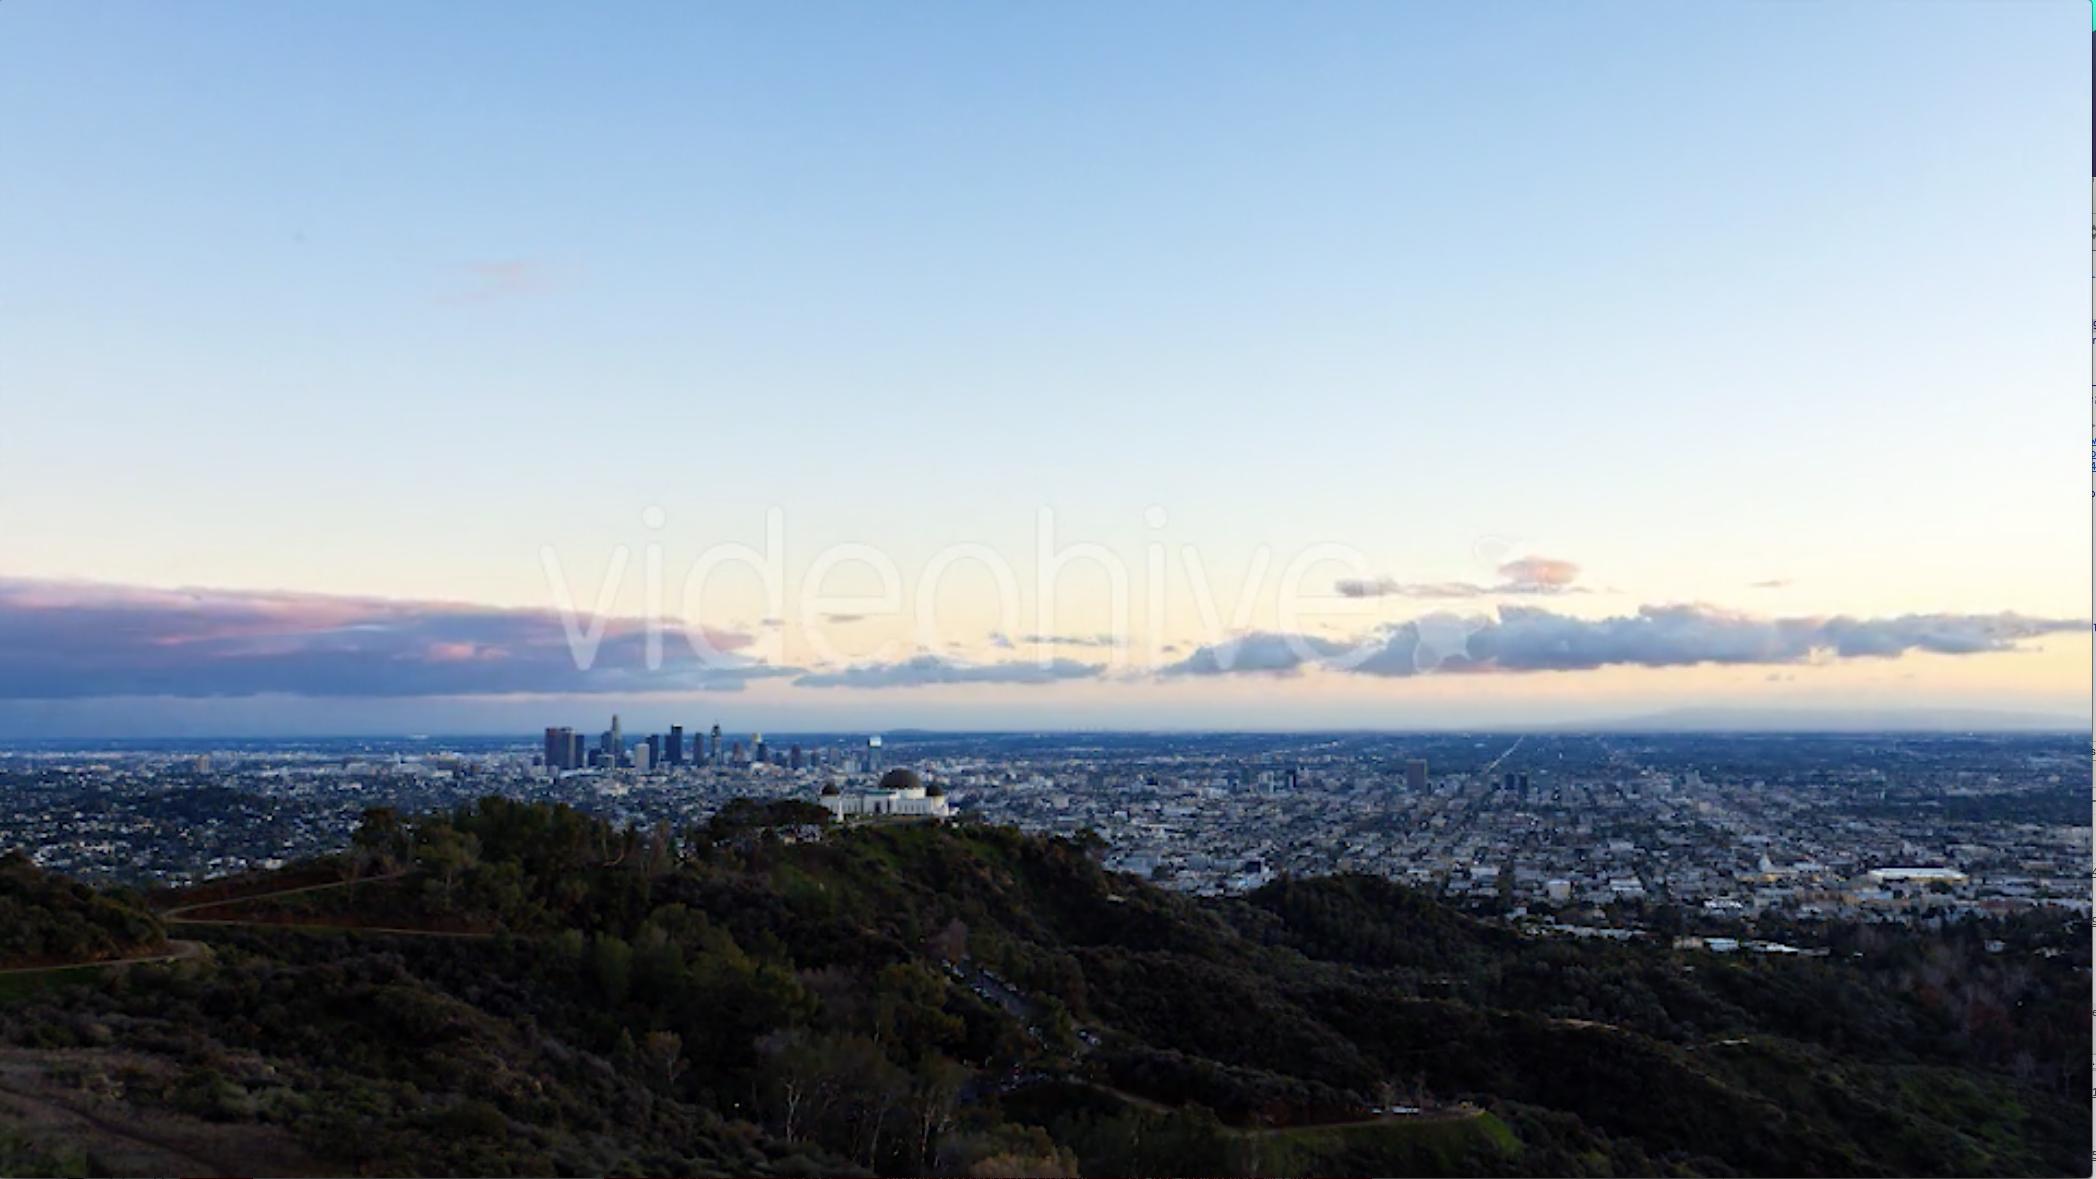 City of Los Angeles, CA